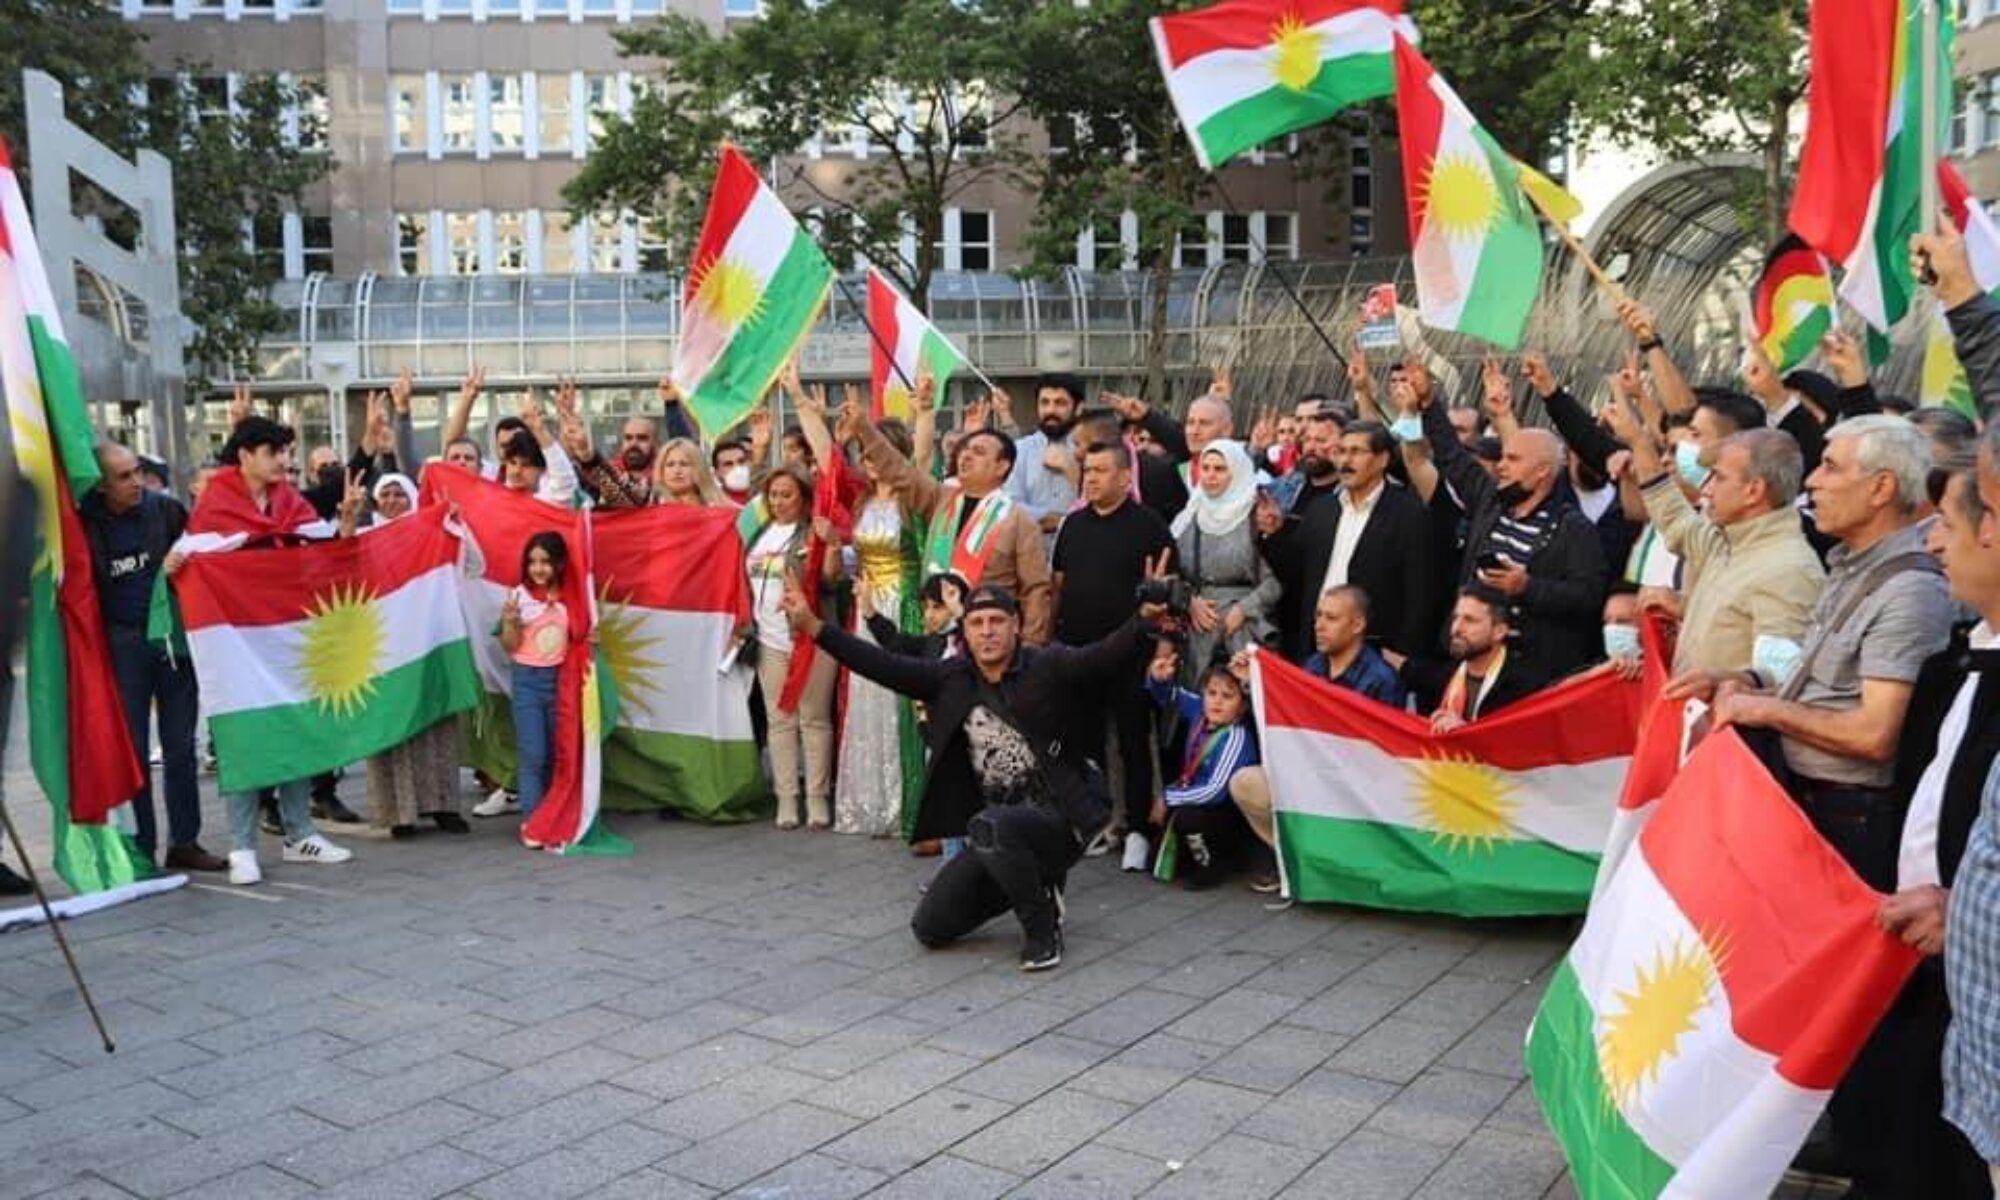 Almanya-Düsseldorf: Kürtler, PKK'nin Rojava siyasetini kınamak için toplandı Newroz Bijo